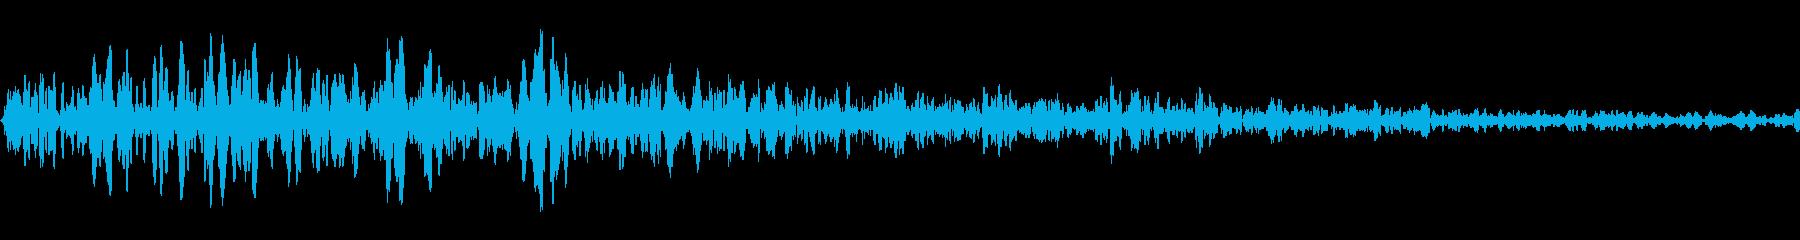 キャットドライブシングルヒットの再生済みの波形